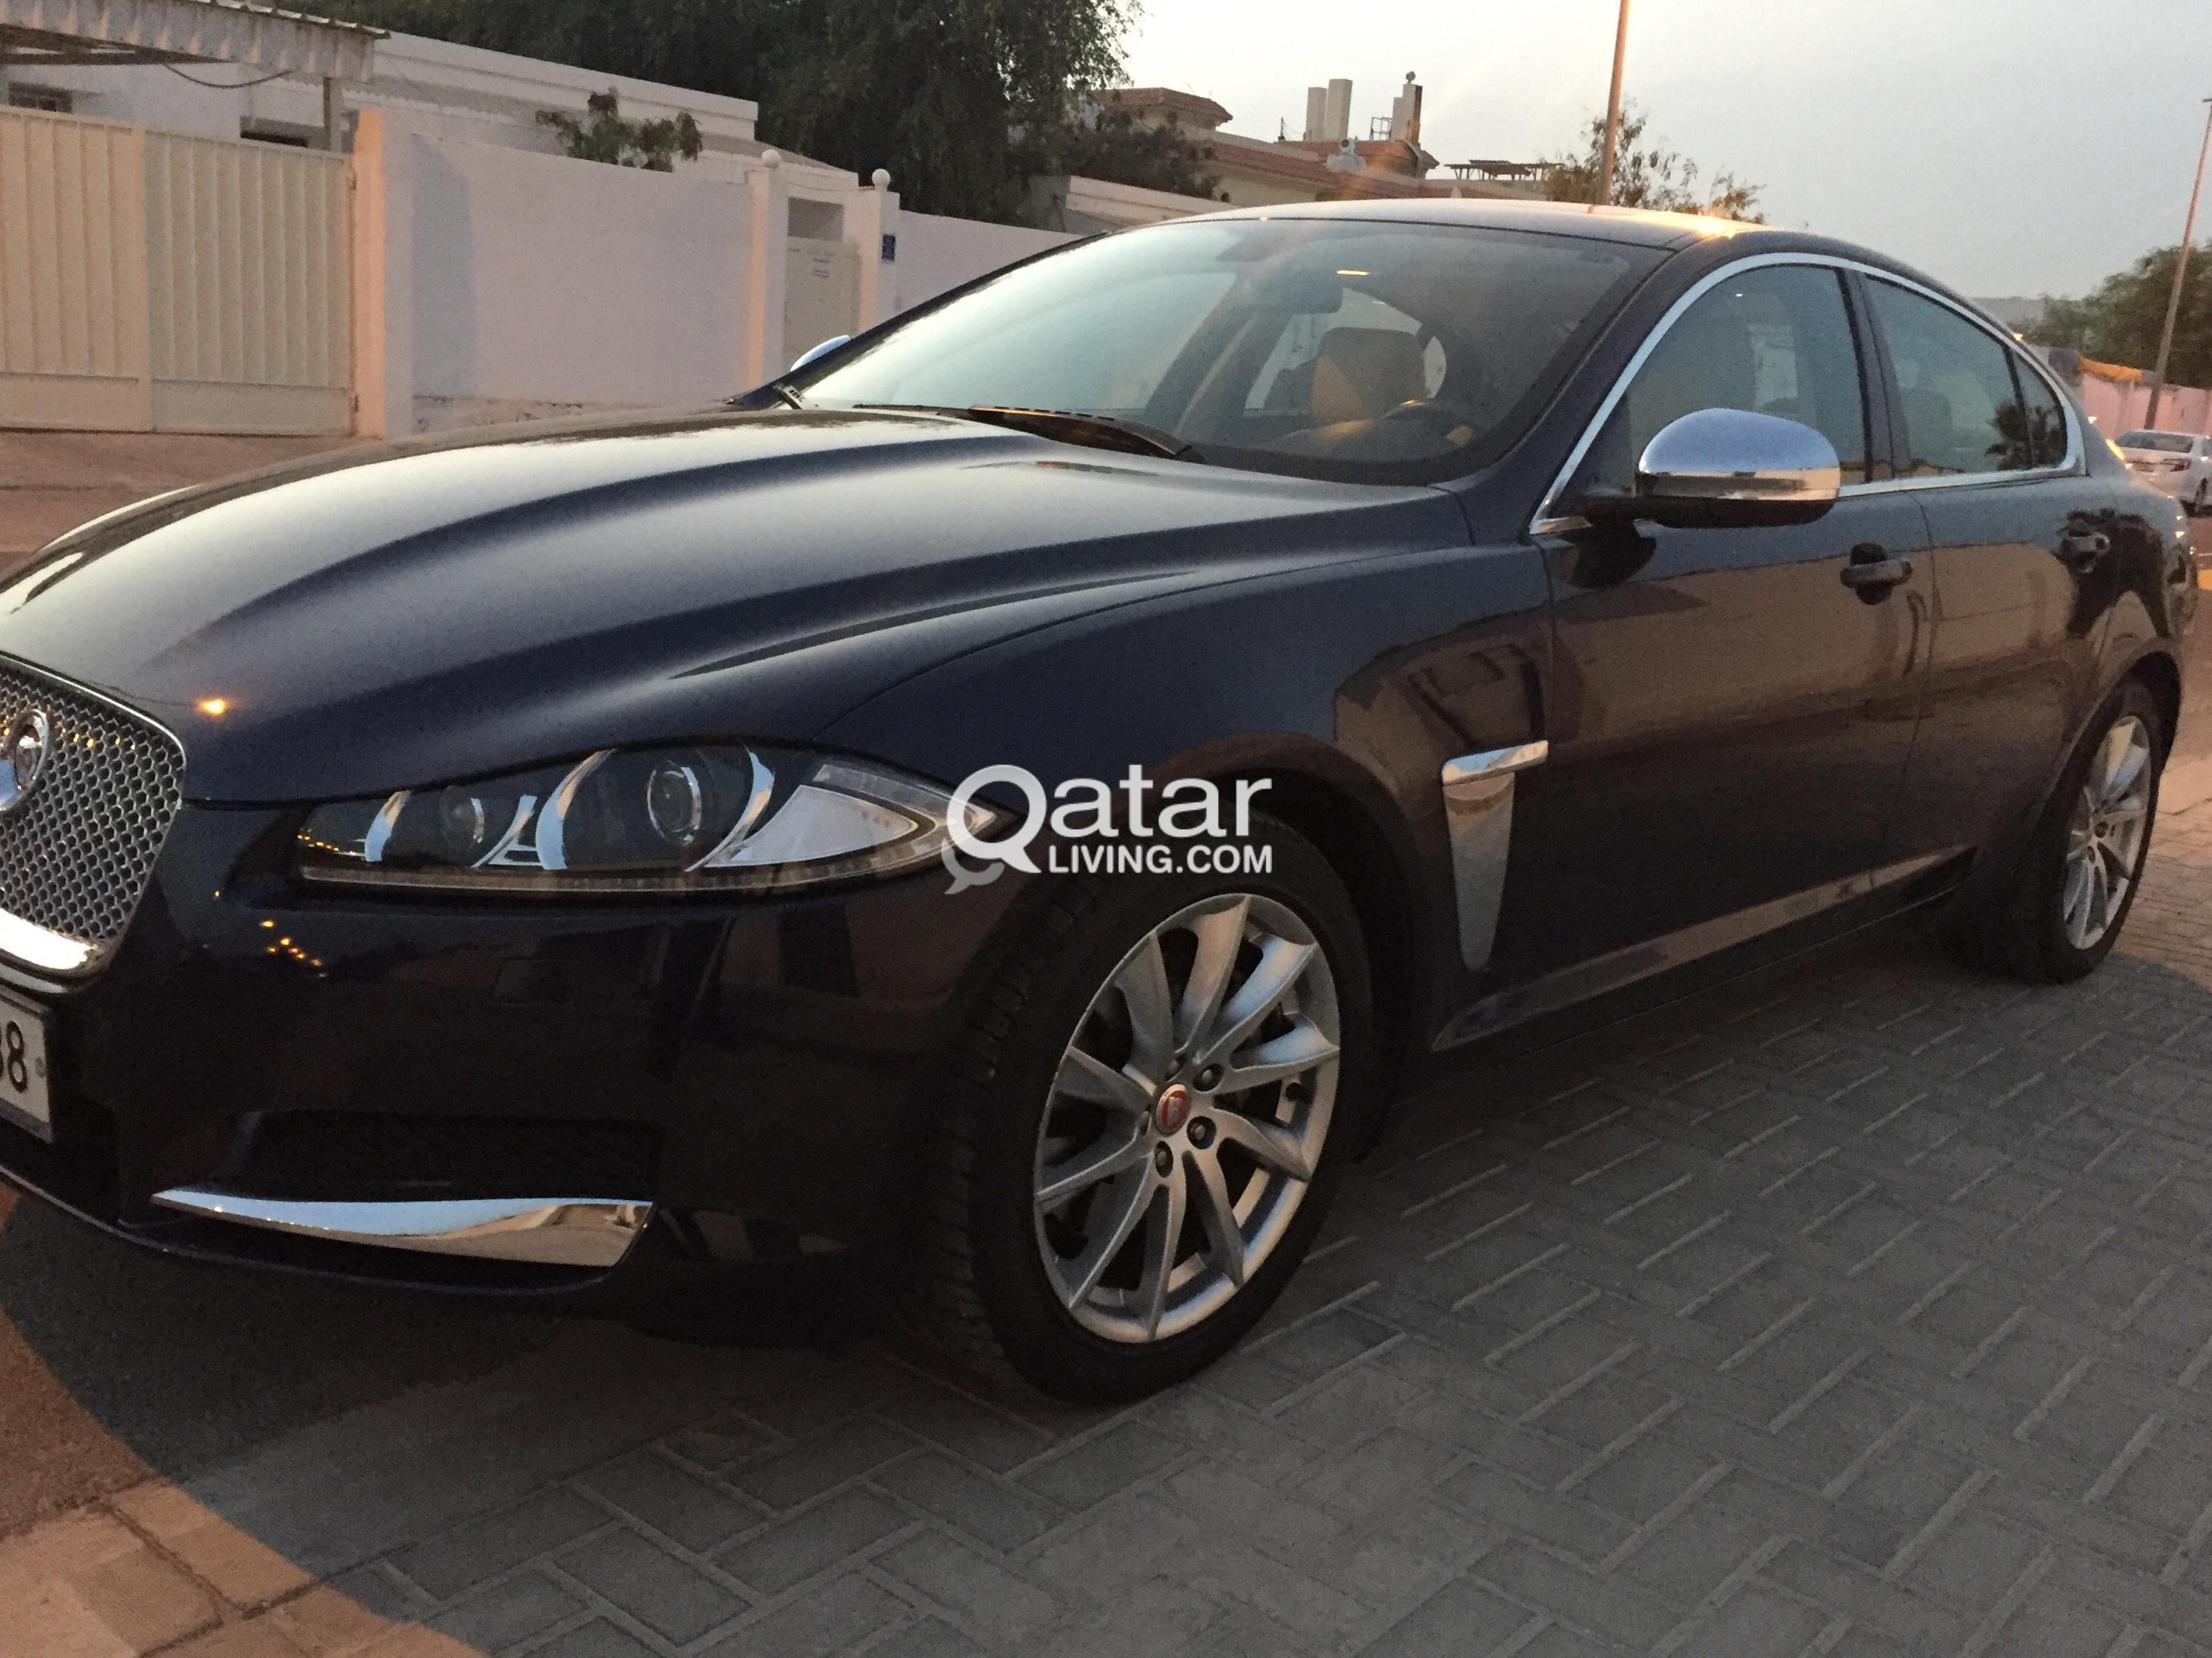 s crop type autogespot coup car f coupe jaguar march